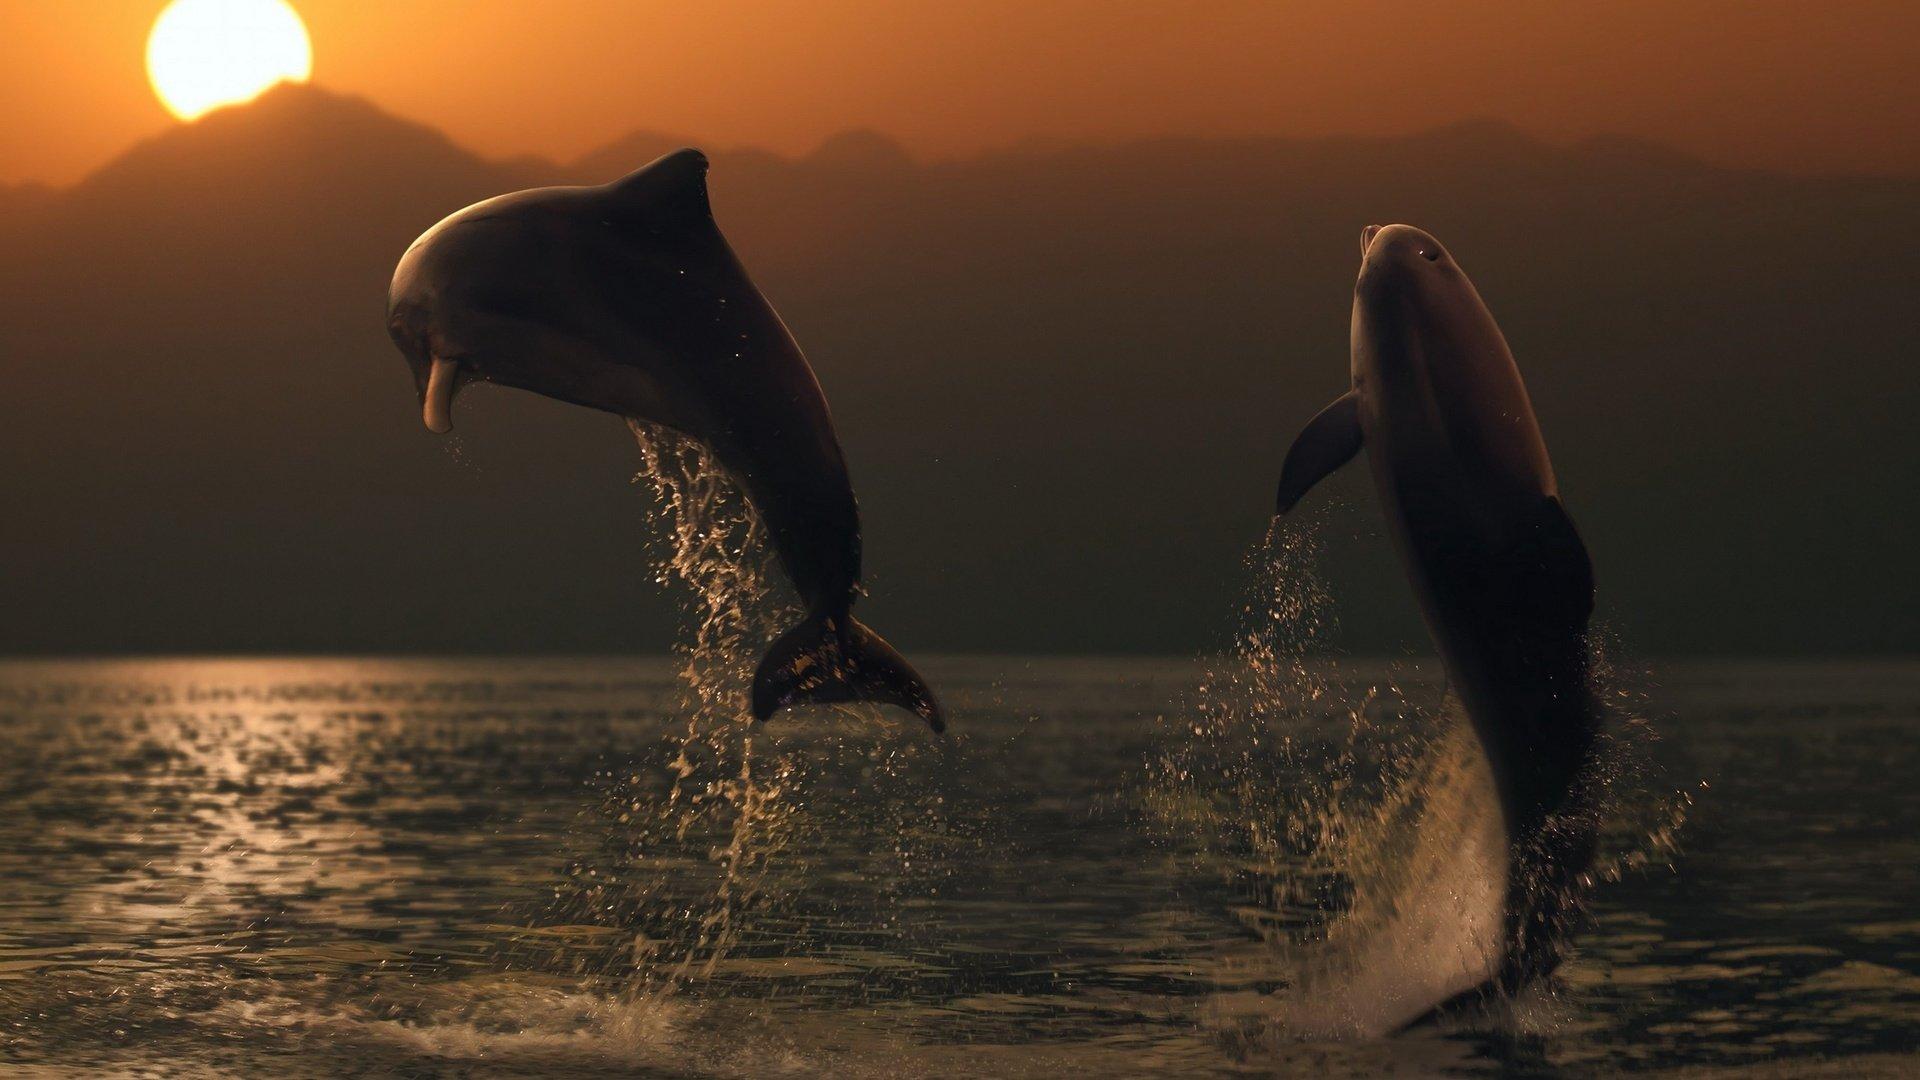 картинки дельфины море солнце размороженных